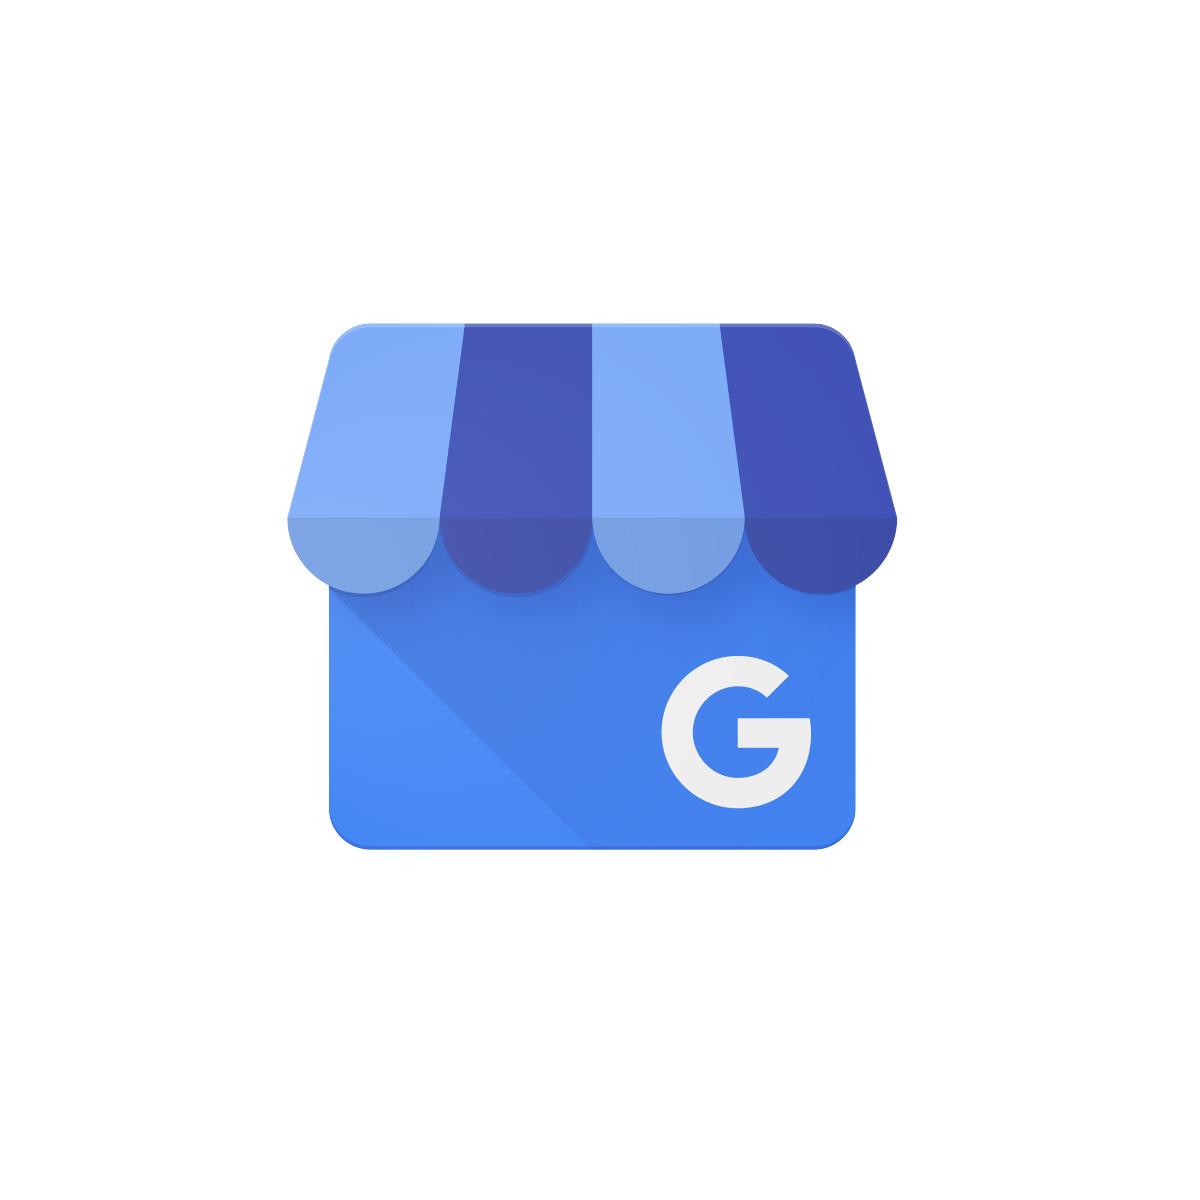 Google My Business ürününün logosu